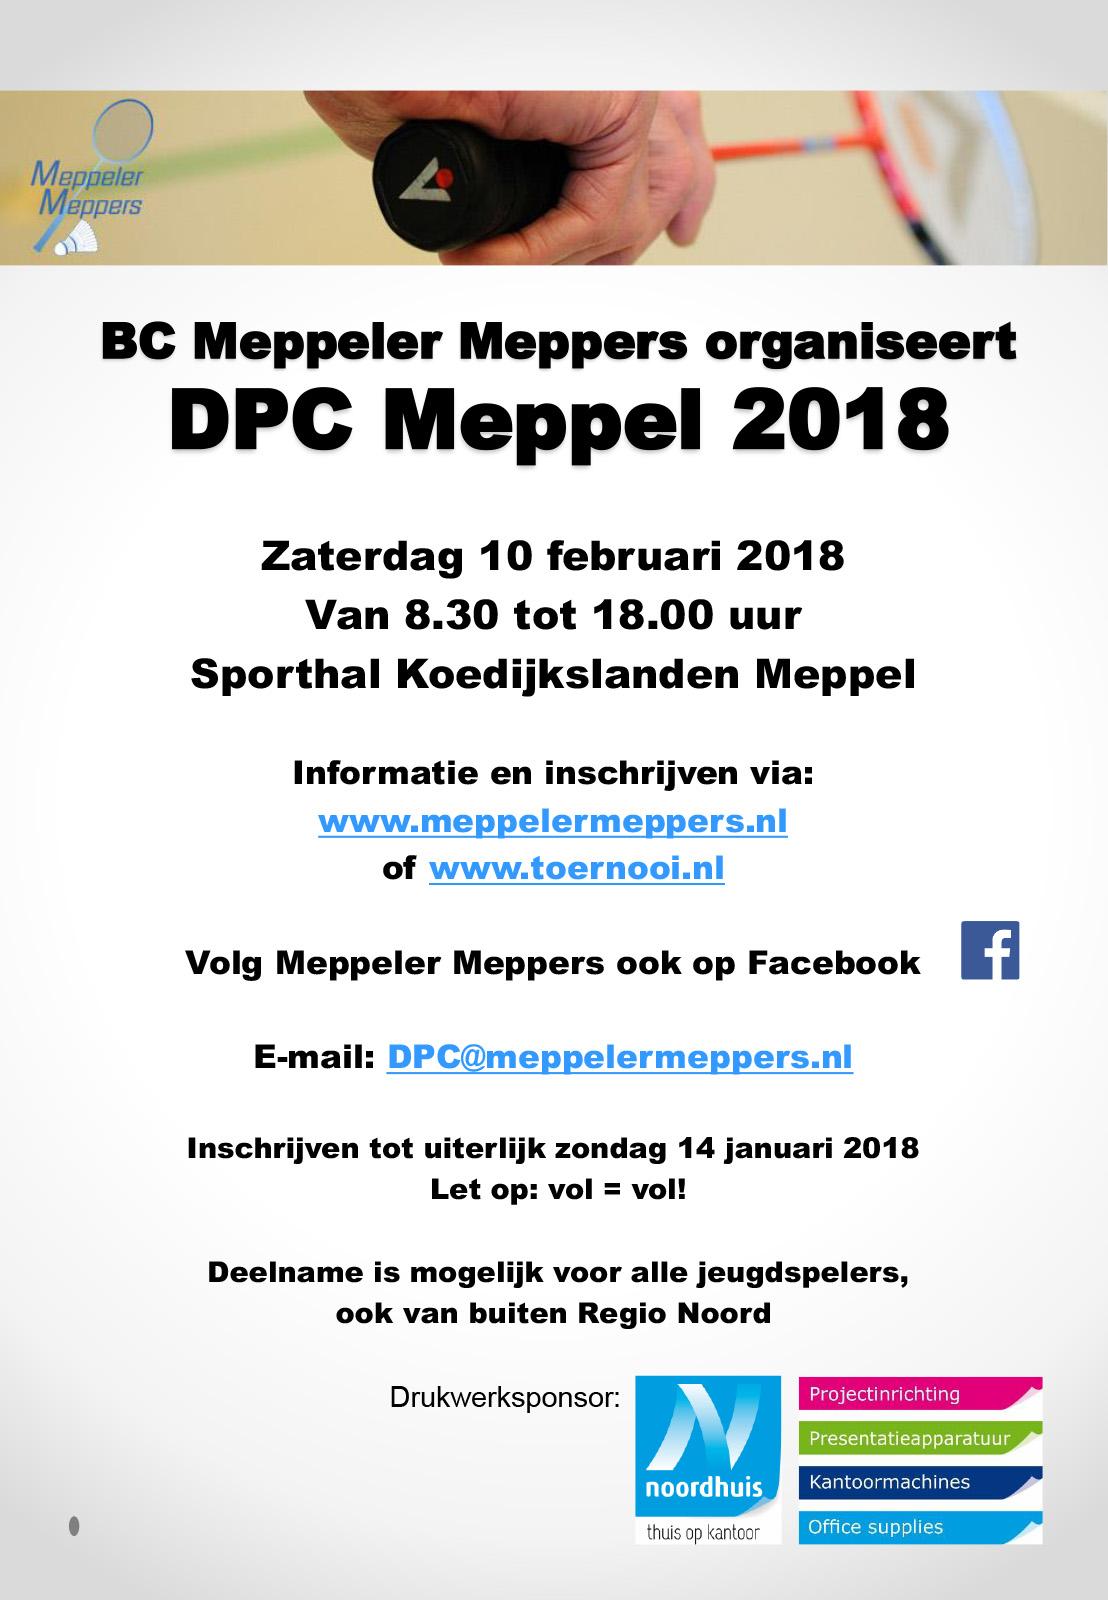 DPC Meppeler Meppers 2018